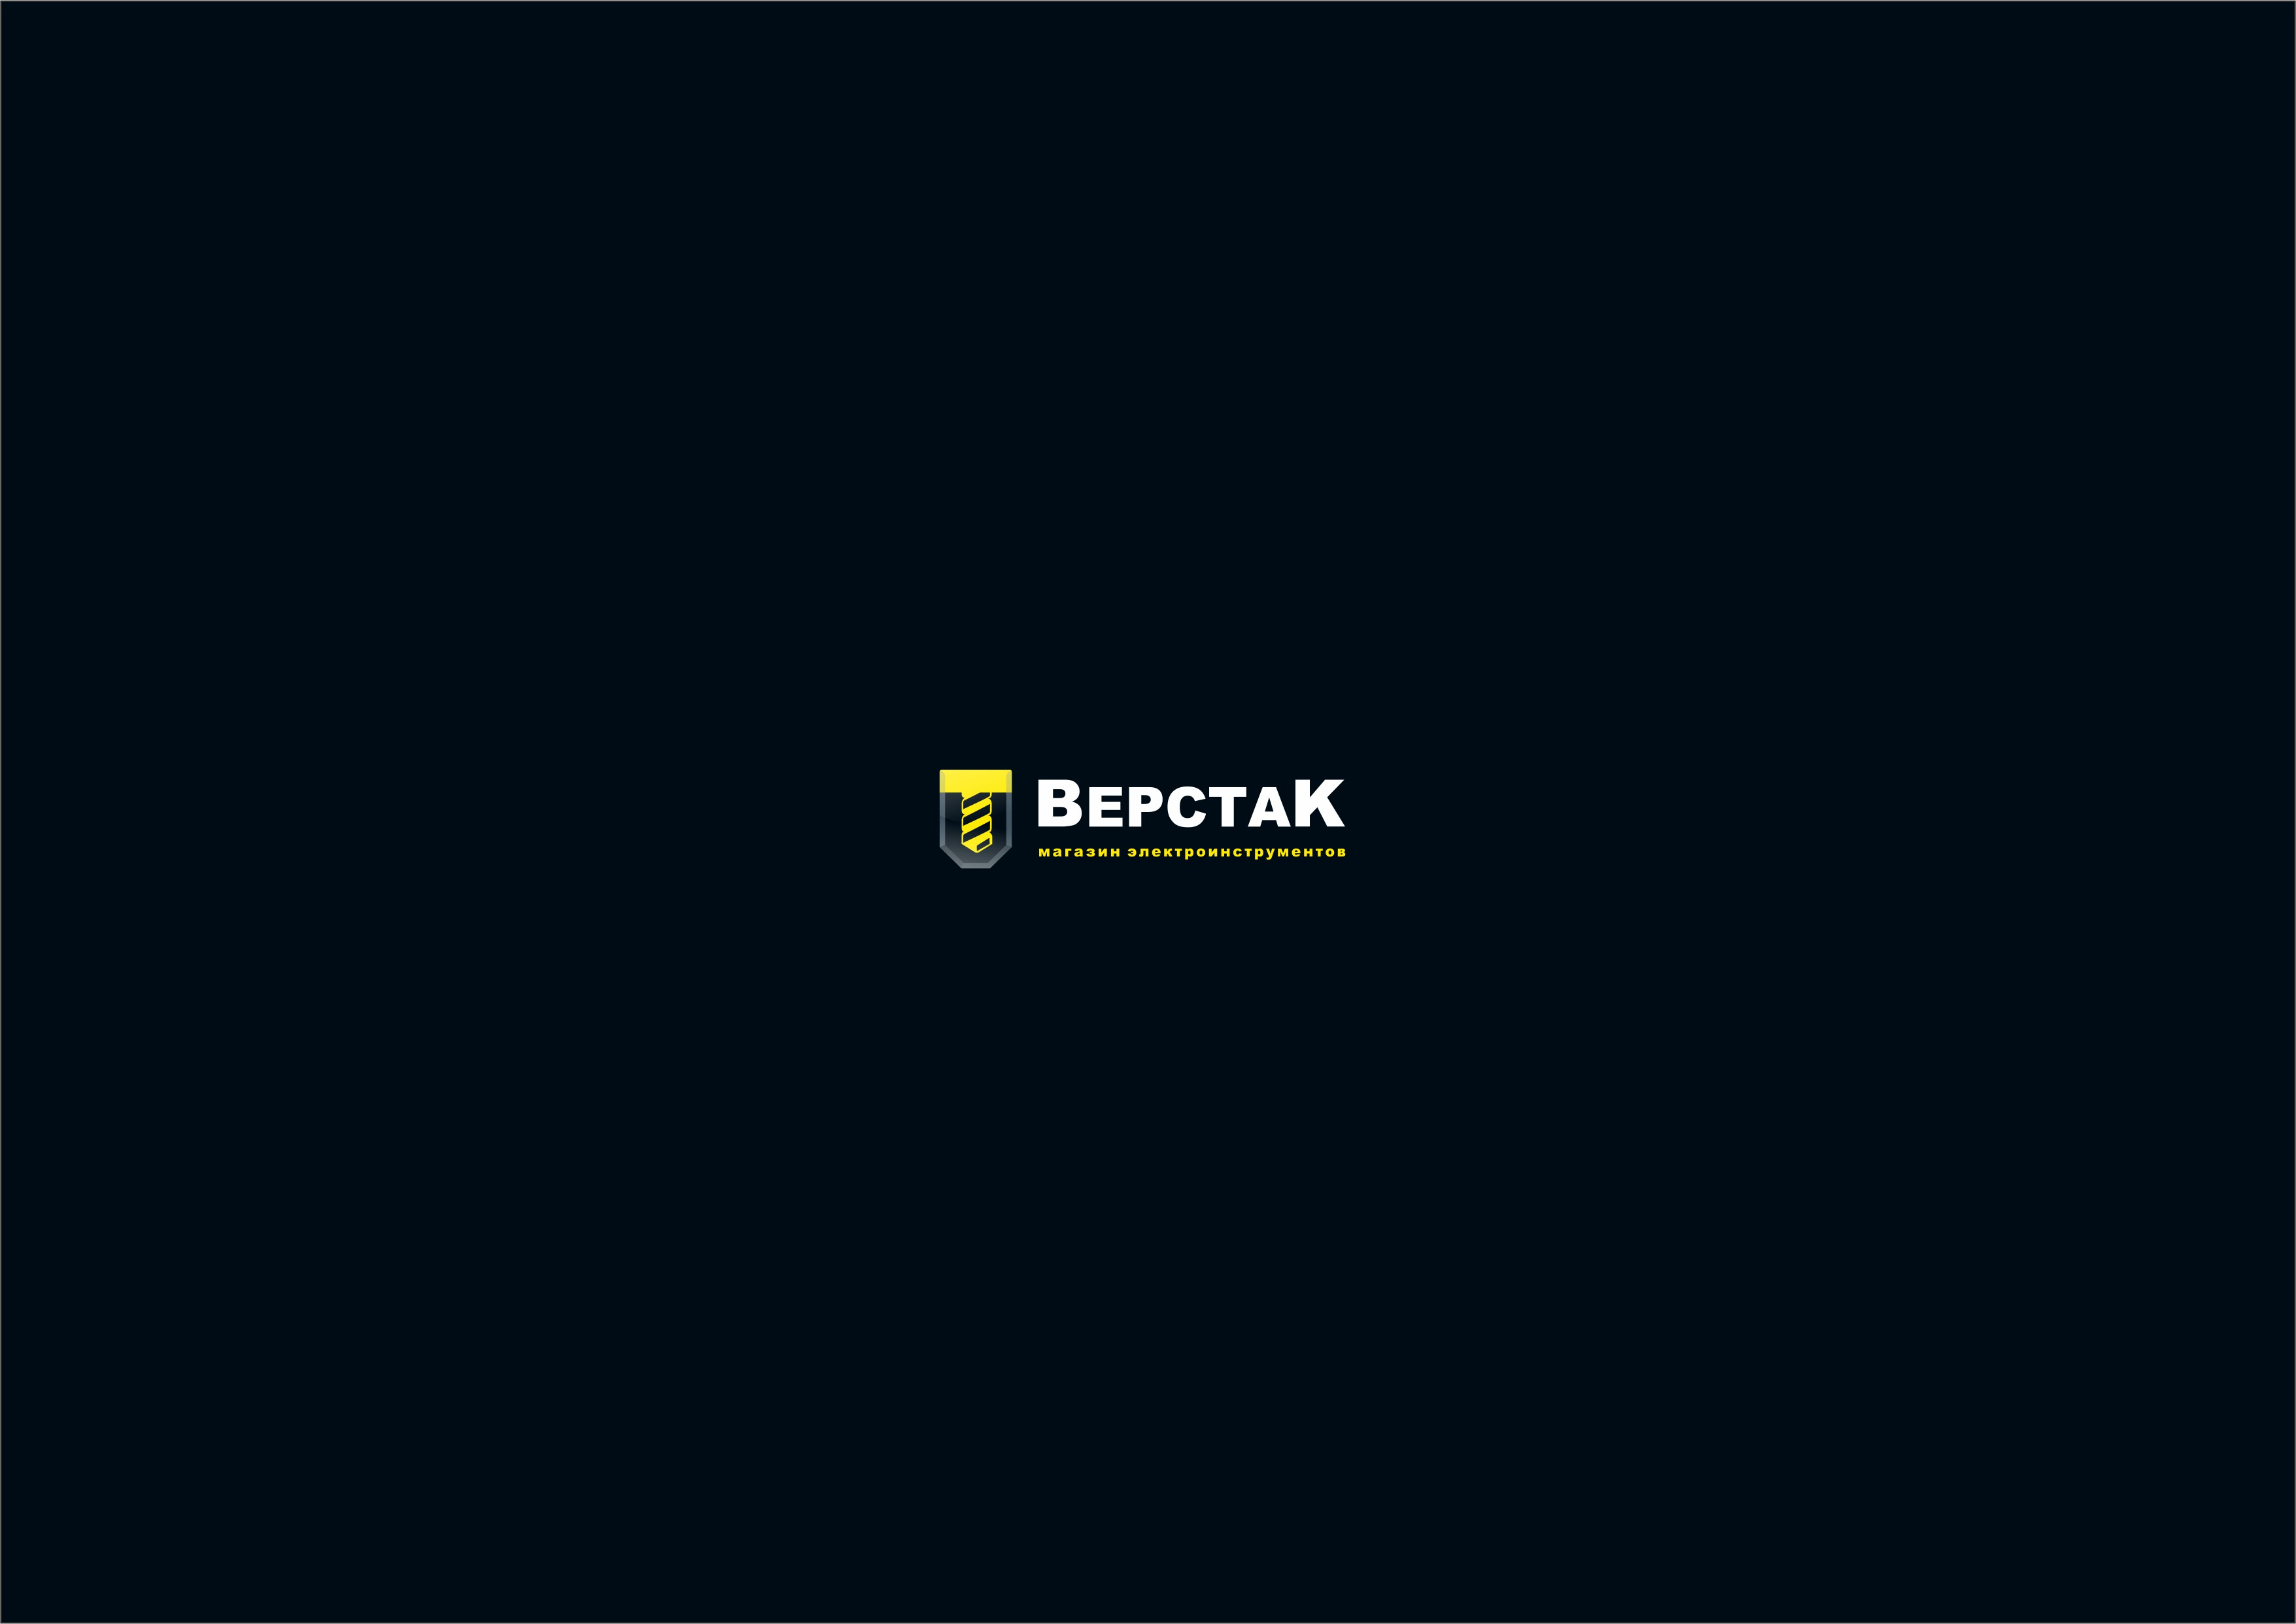 Логотип магазина бензо, электро, ручного инструмента фото f_2675a0c0a38498b8.jpg